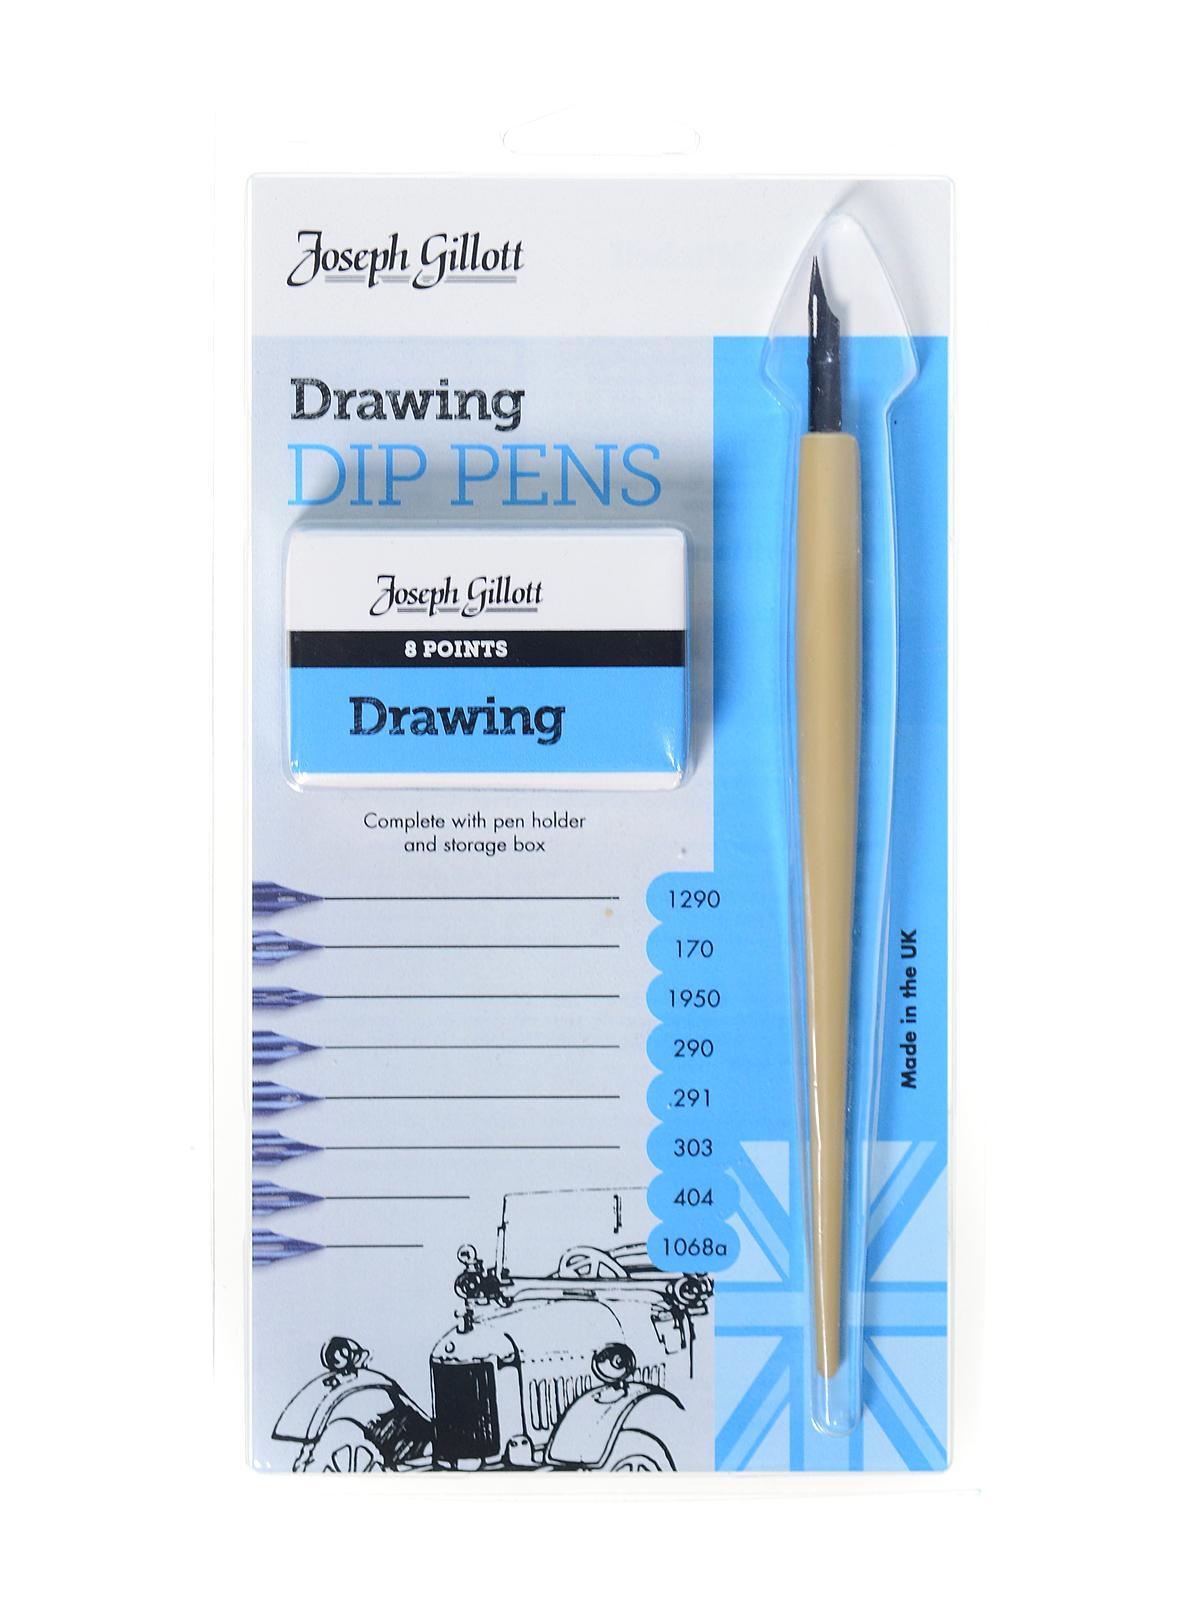 Joseph Gillott Drawing Dip Pens